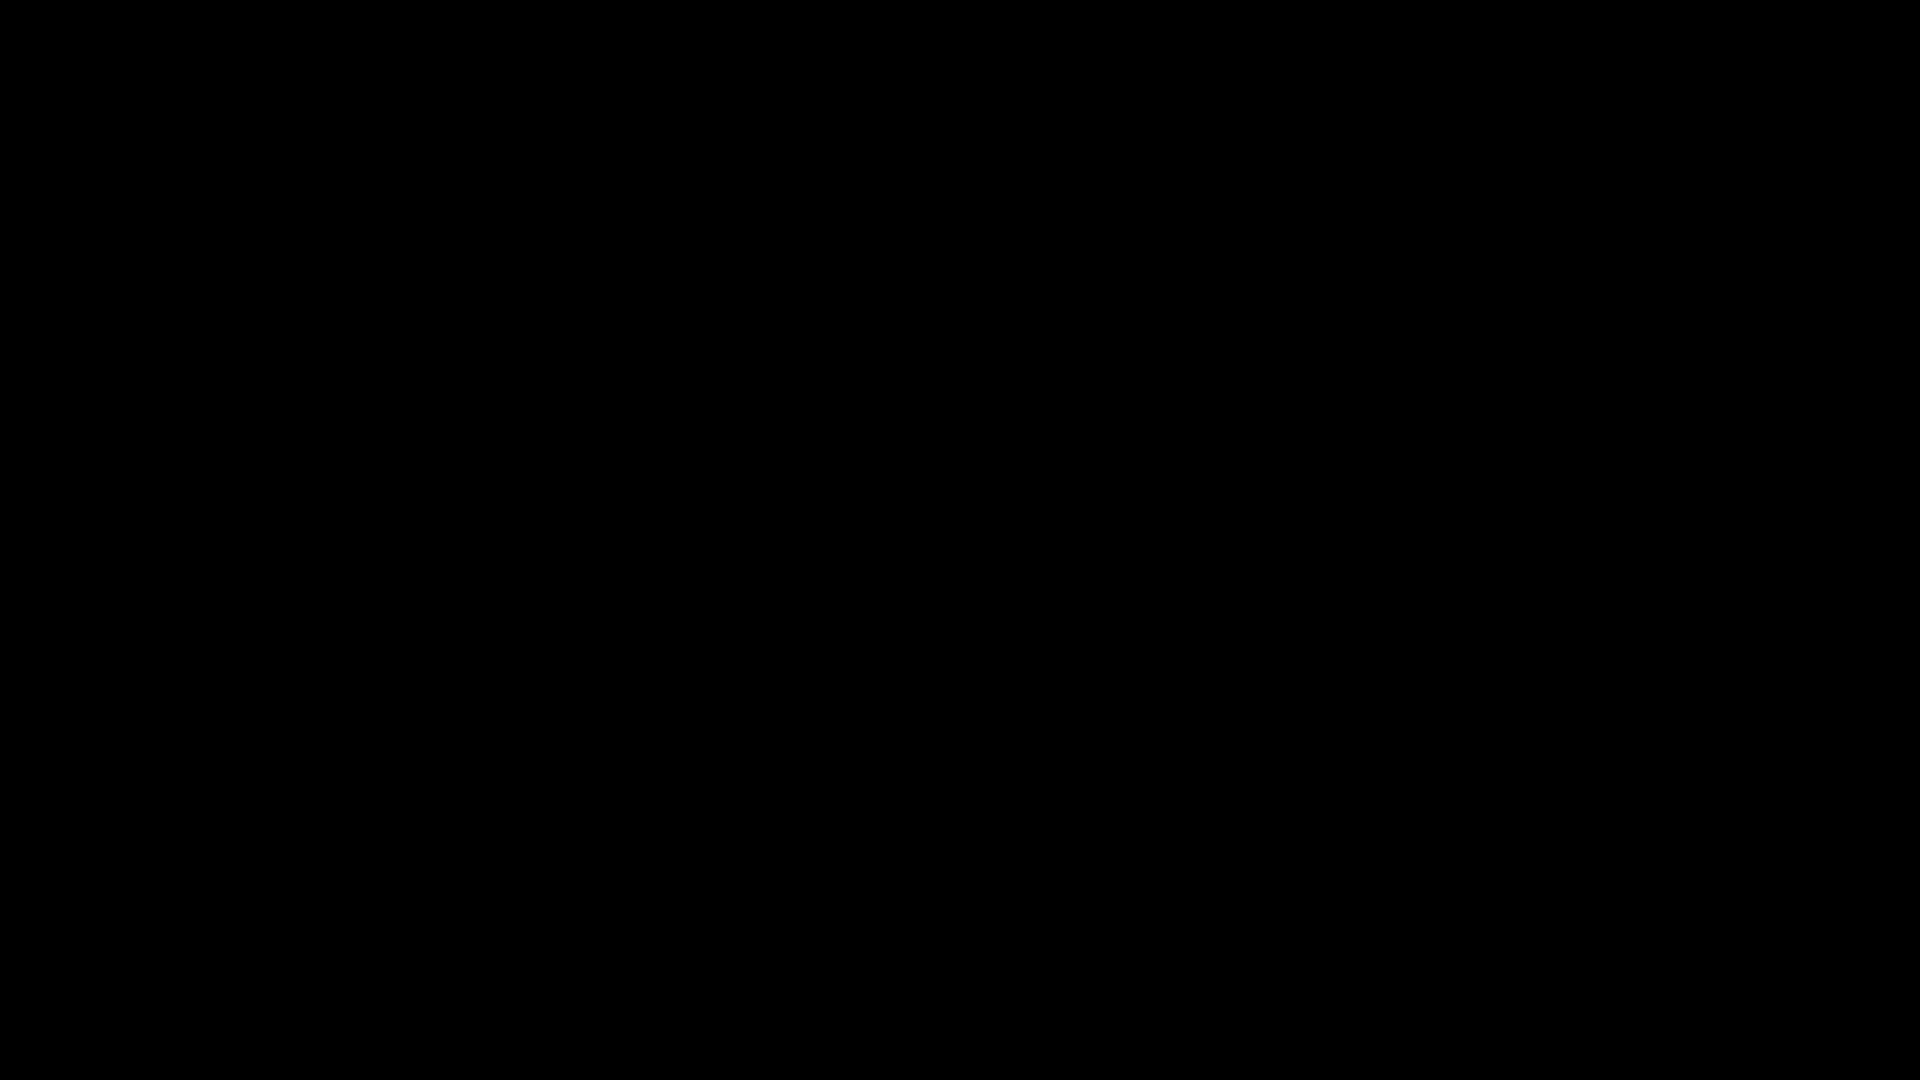 シニアヨガ インストラクター養成講座 名古屋 2018年2月・9月 基礎編 開講